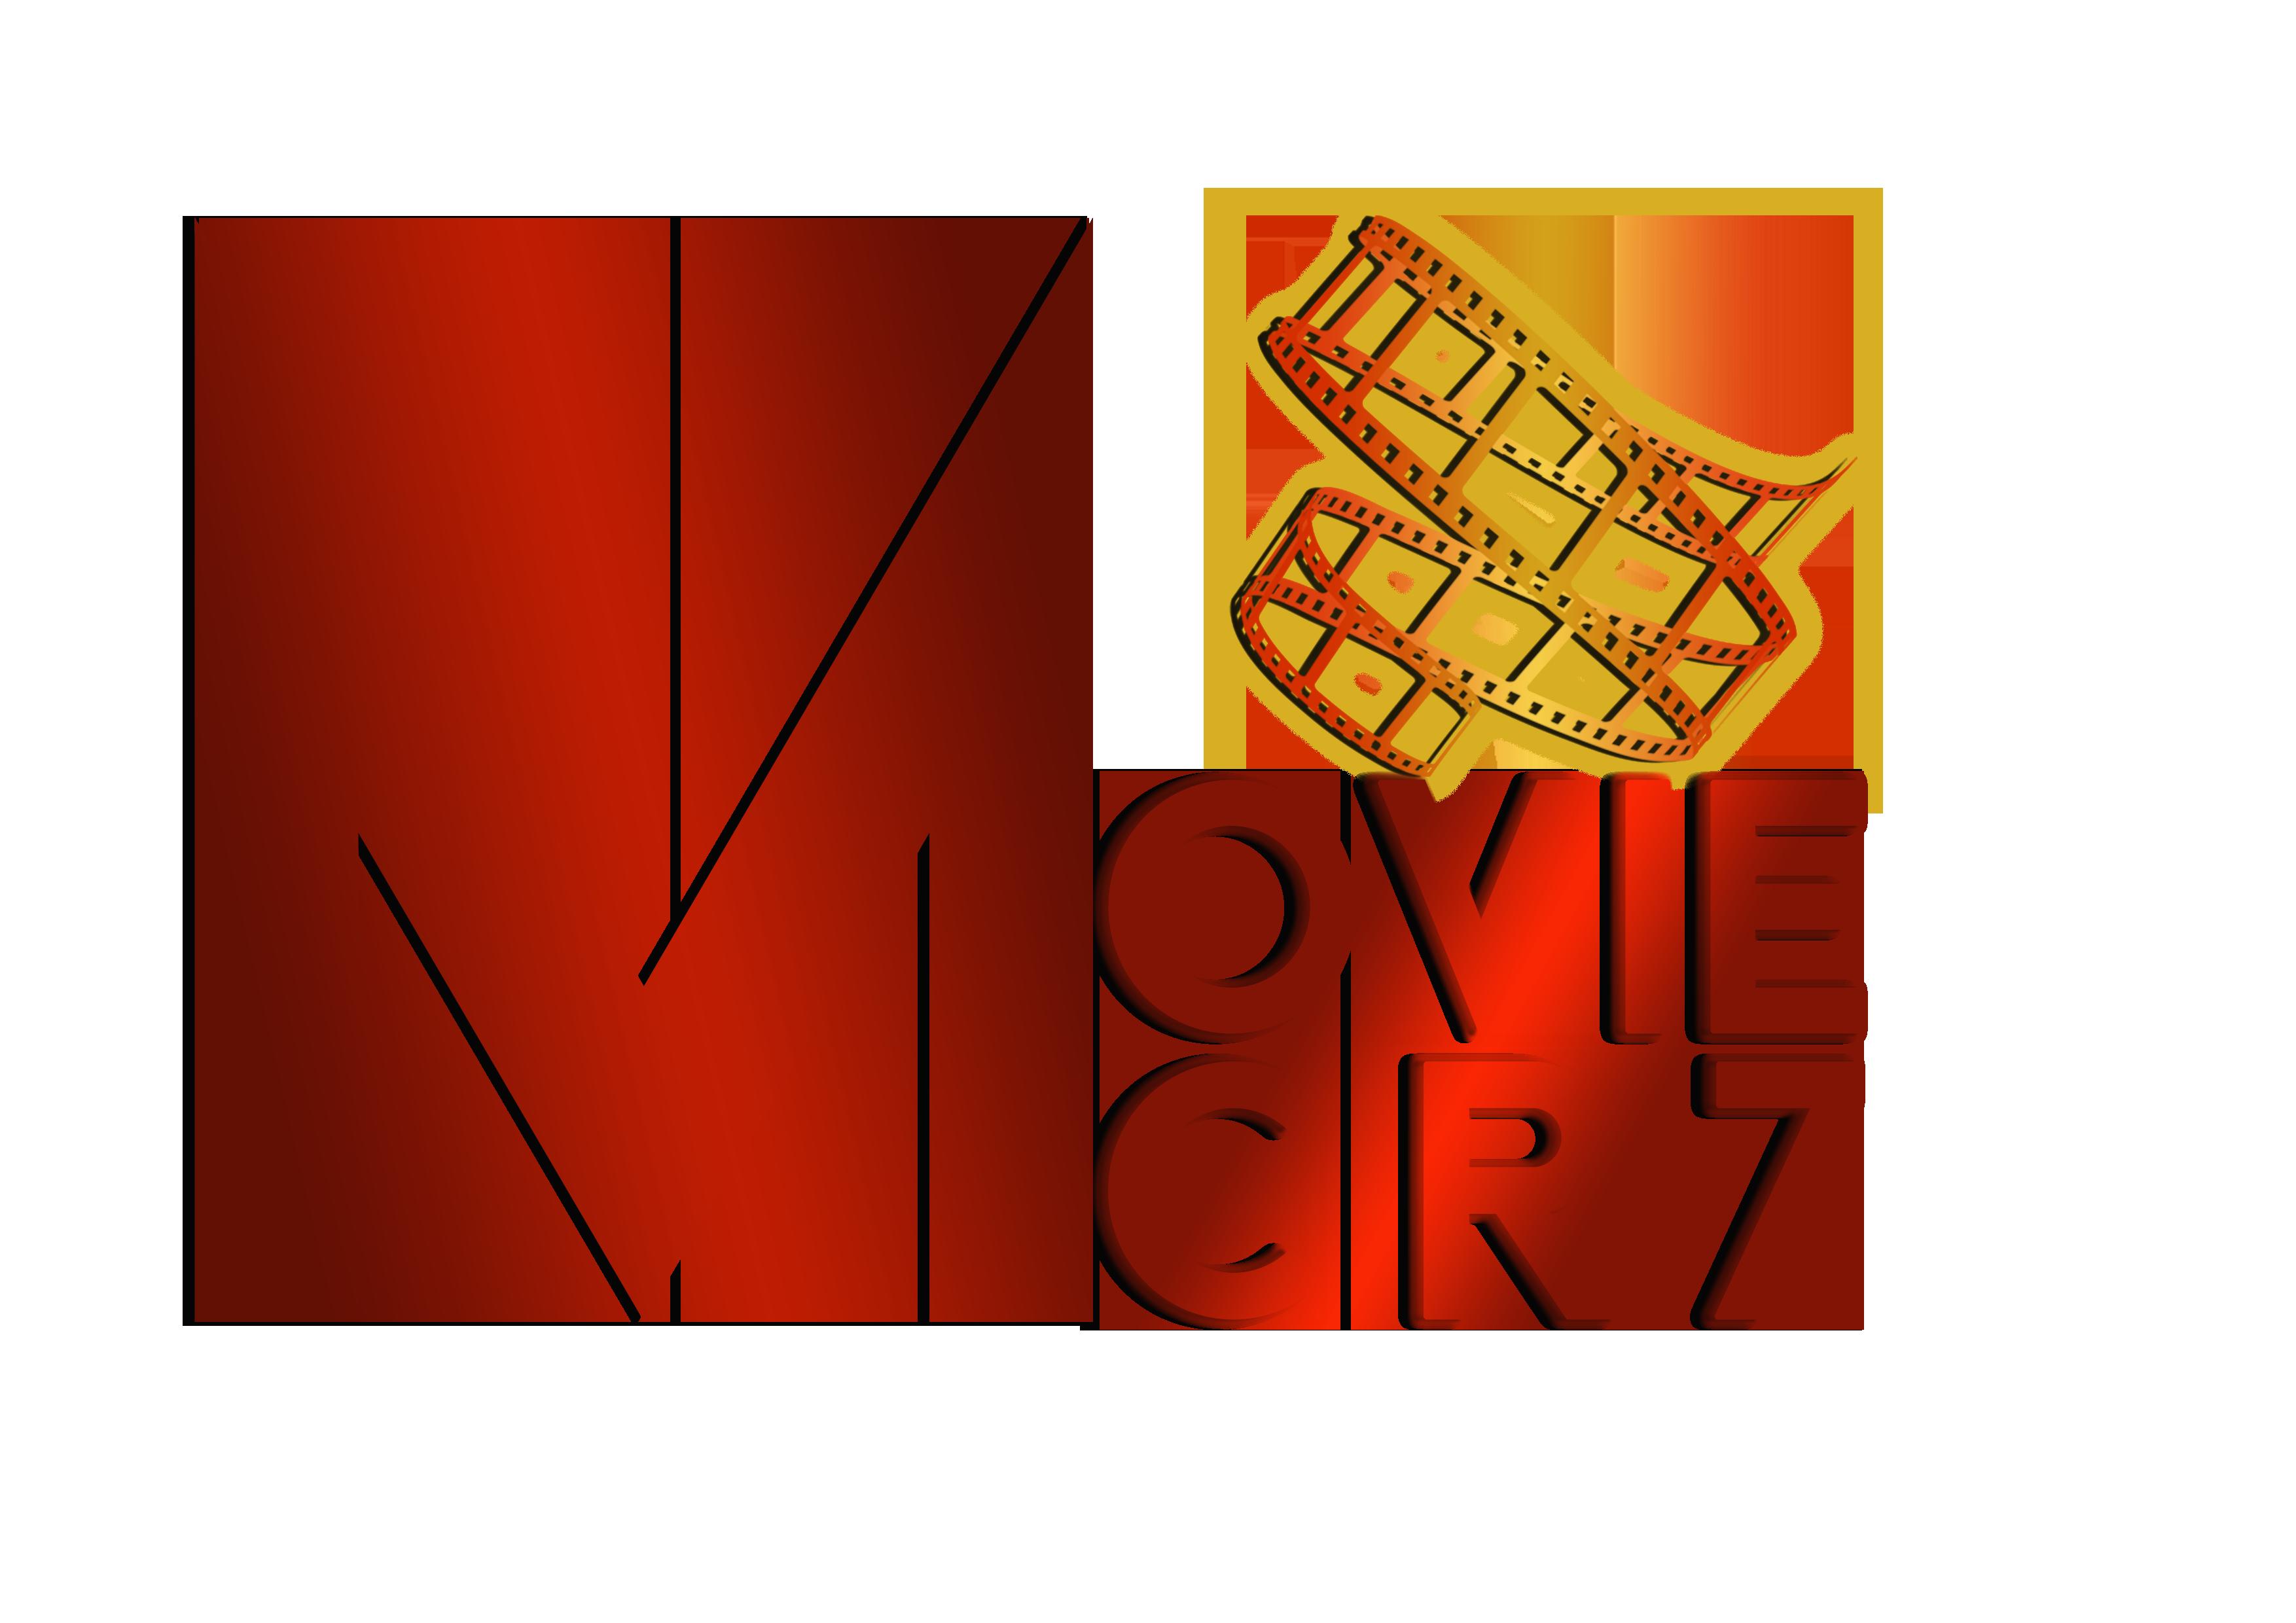 เว็บดูหนังออนไลน์ใหม่ฟรี 2021 Moviecr7-HD ไม่มีโฆษณา ZOOM SD HD 4K